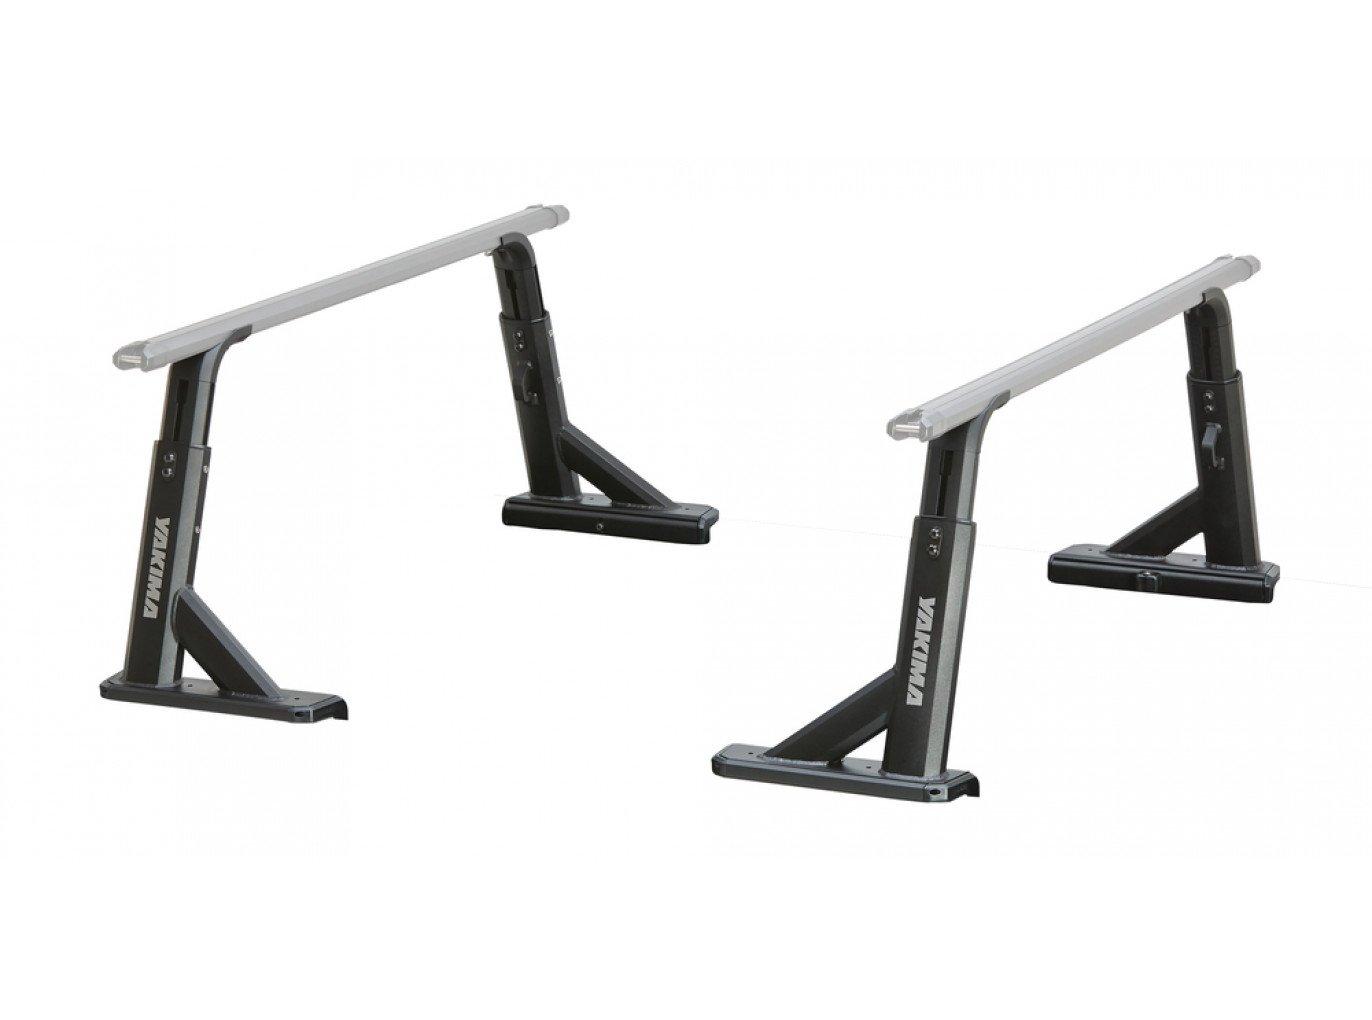 Yakima OverHaul HD Adjustable-Height Heavy-Duty Truck Bed Rack